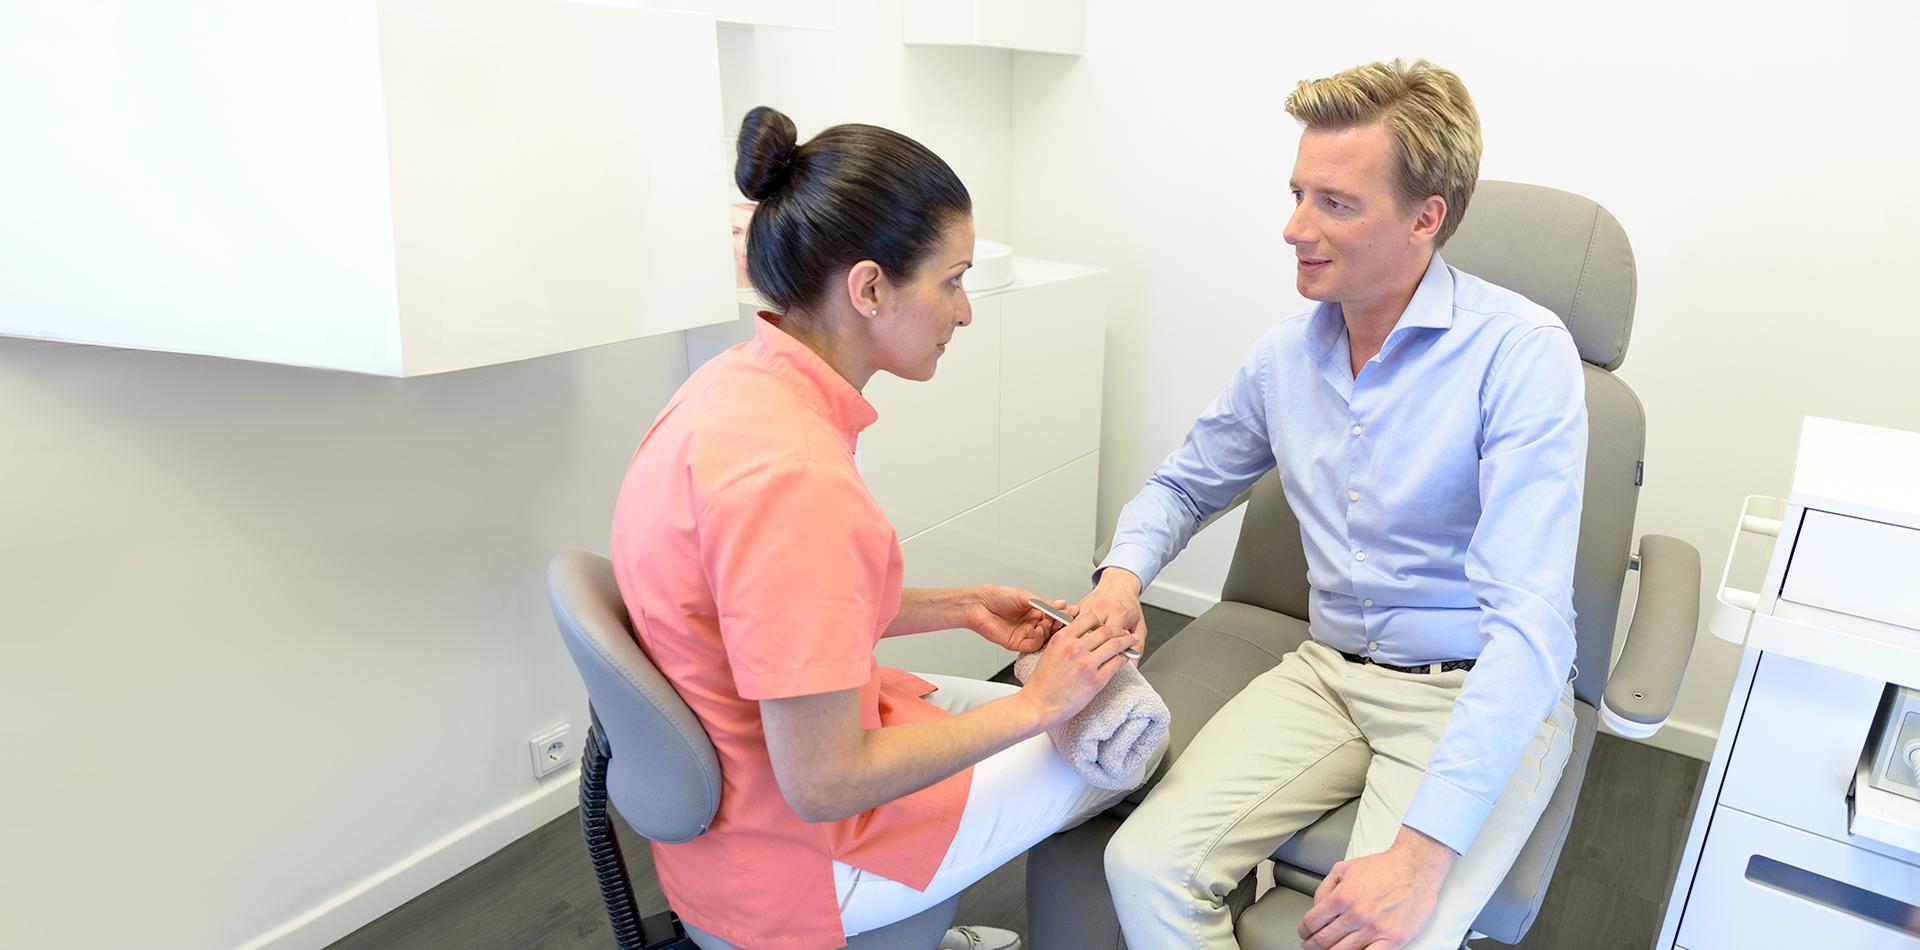 Medizinische Handpflege